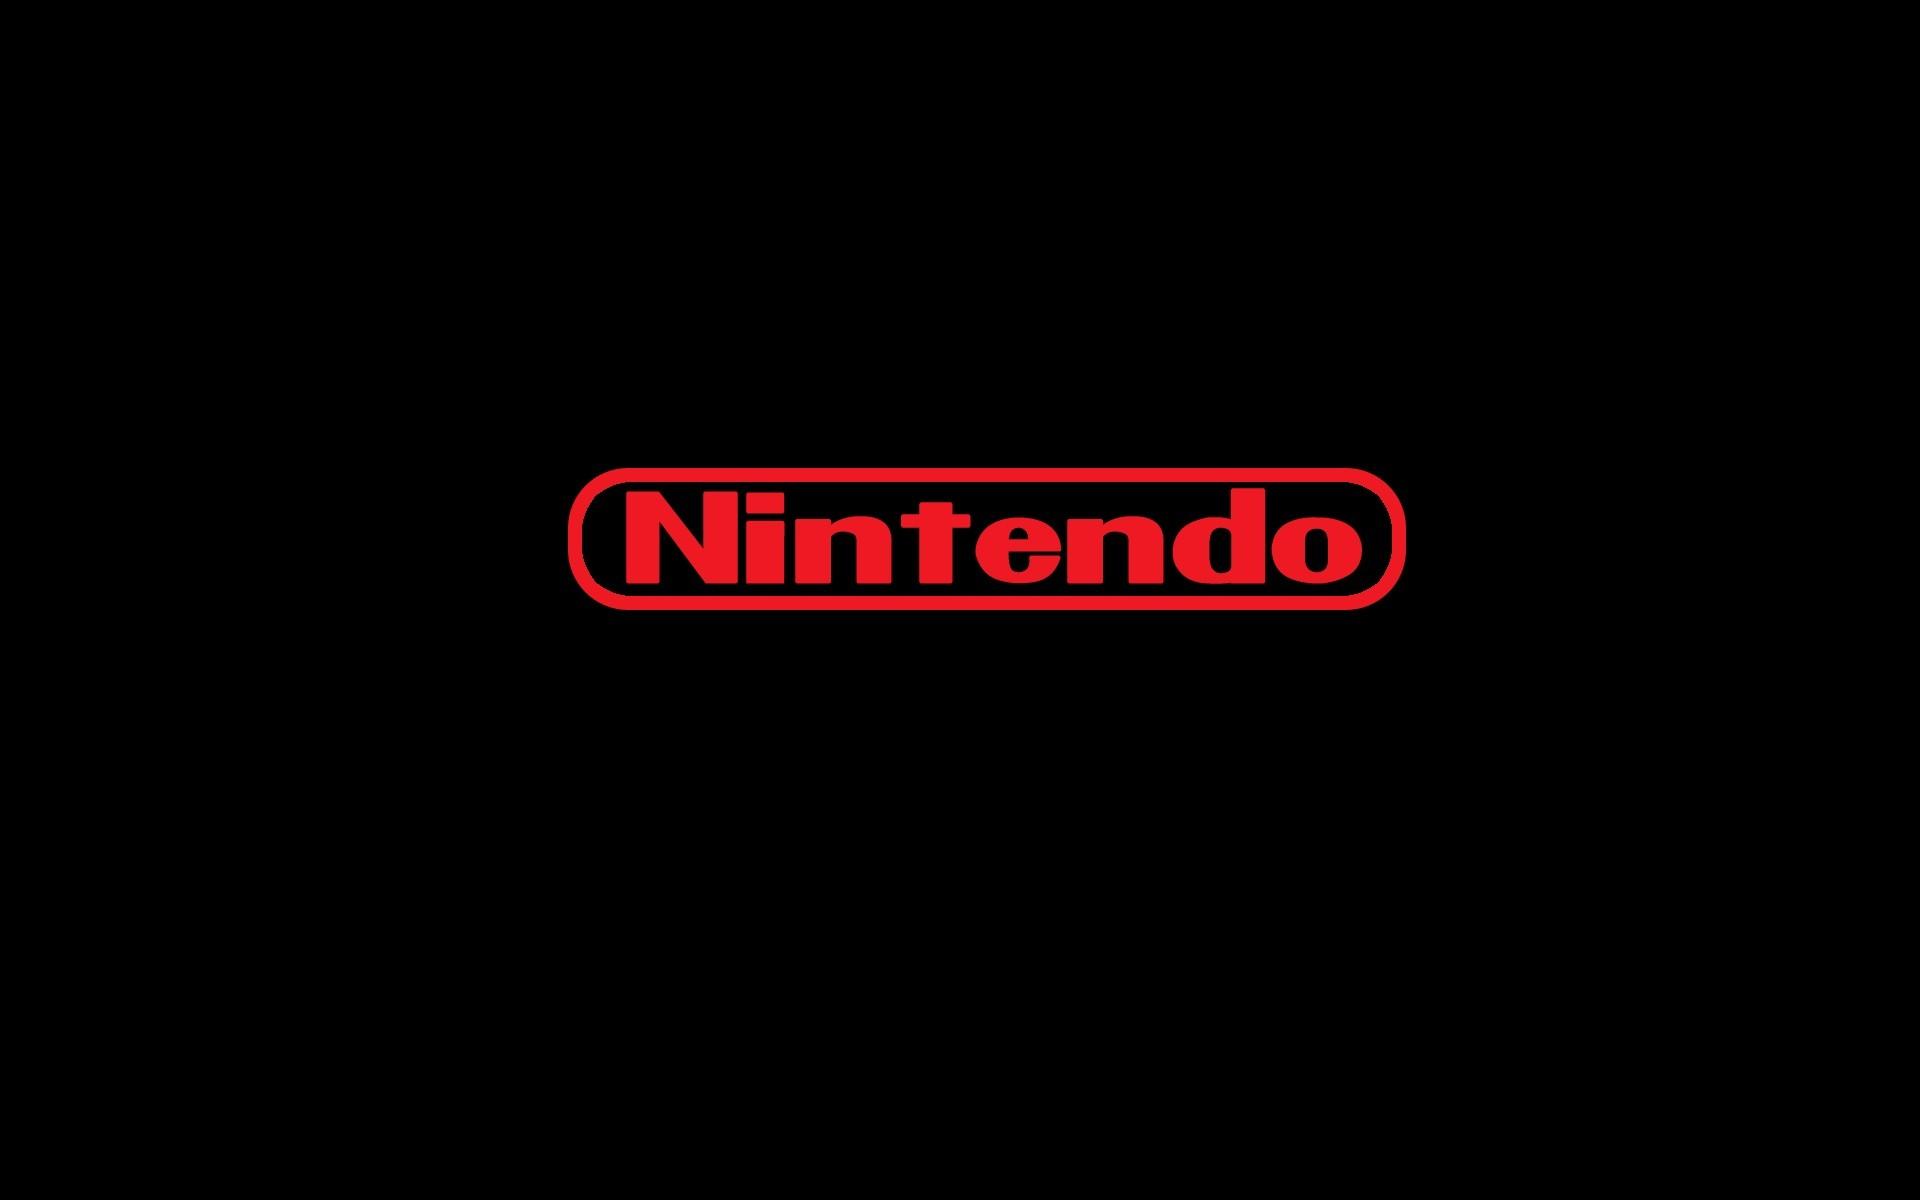 Descubre Nintendo Switch Nintendo 3DS Nintendo 2DS Wii U Y Amiibo Encontrarás Información Sobre Las Consolas Los Juegos My Nintendo Y Noticias